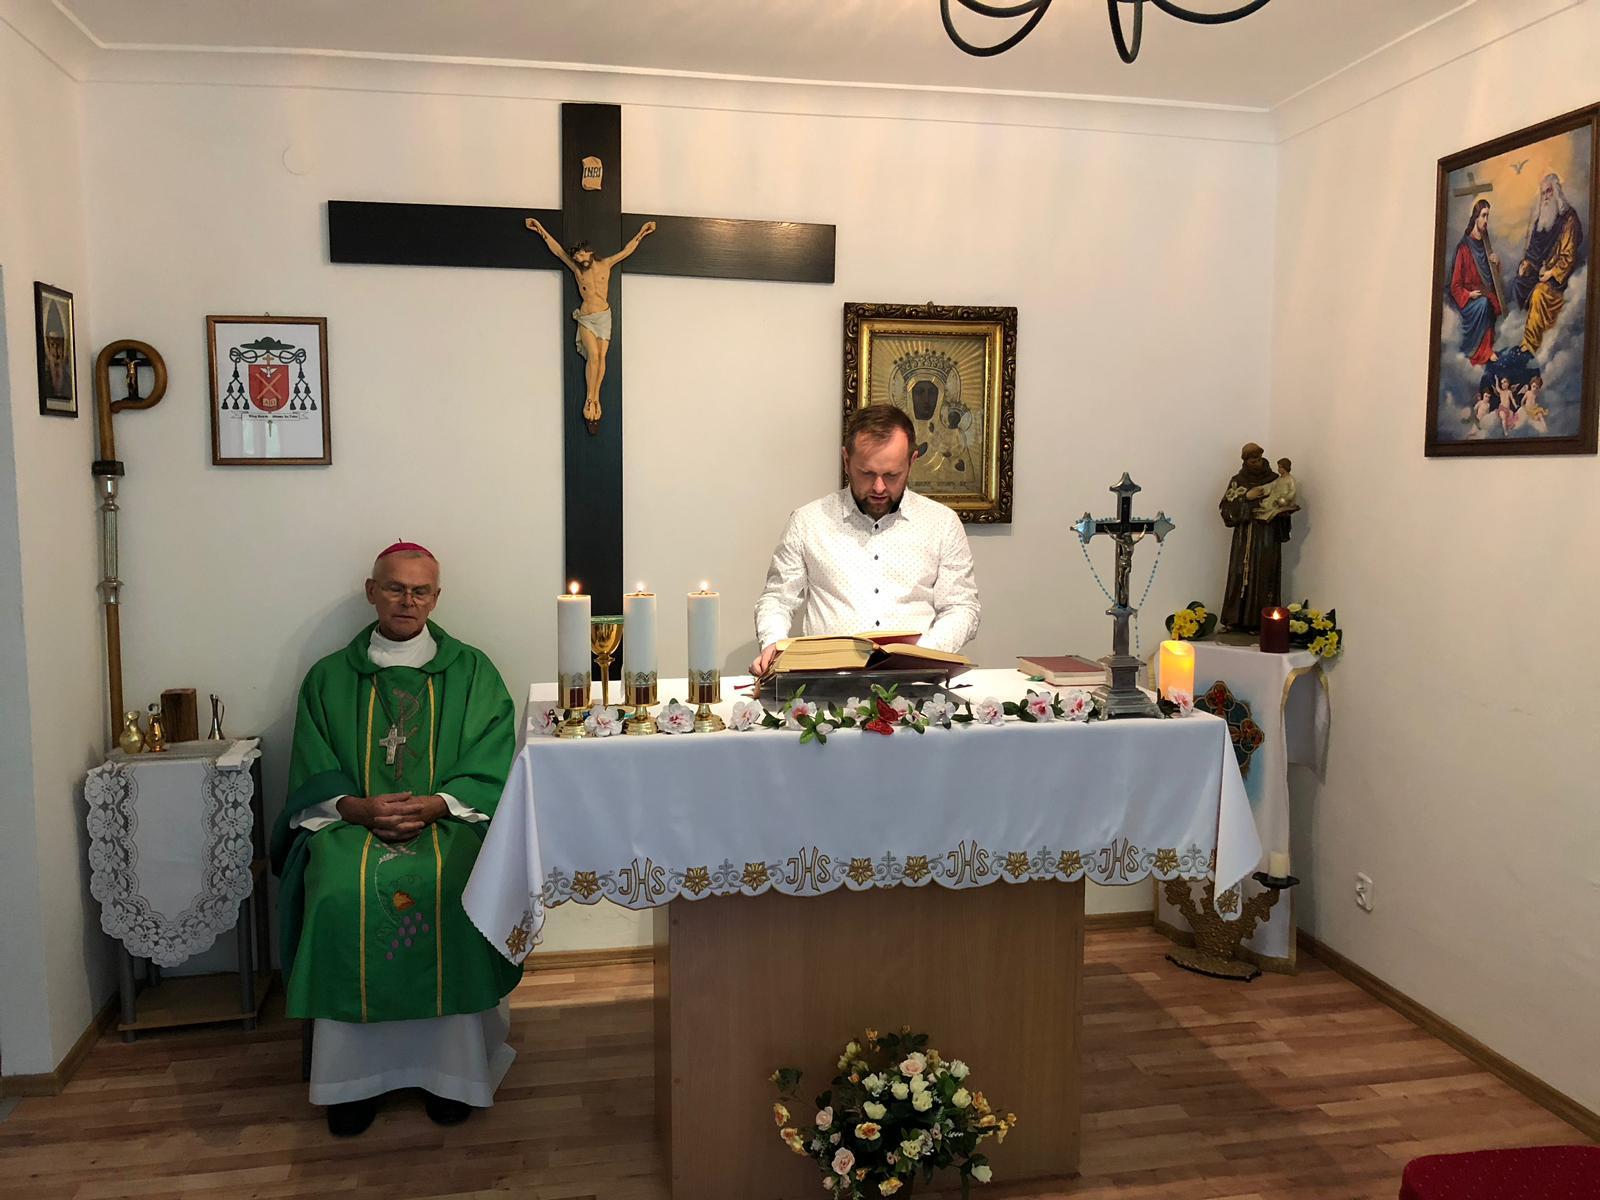 Msza święta w parafii warszawskiej (30.09.2018)